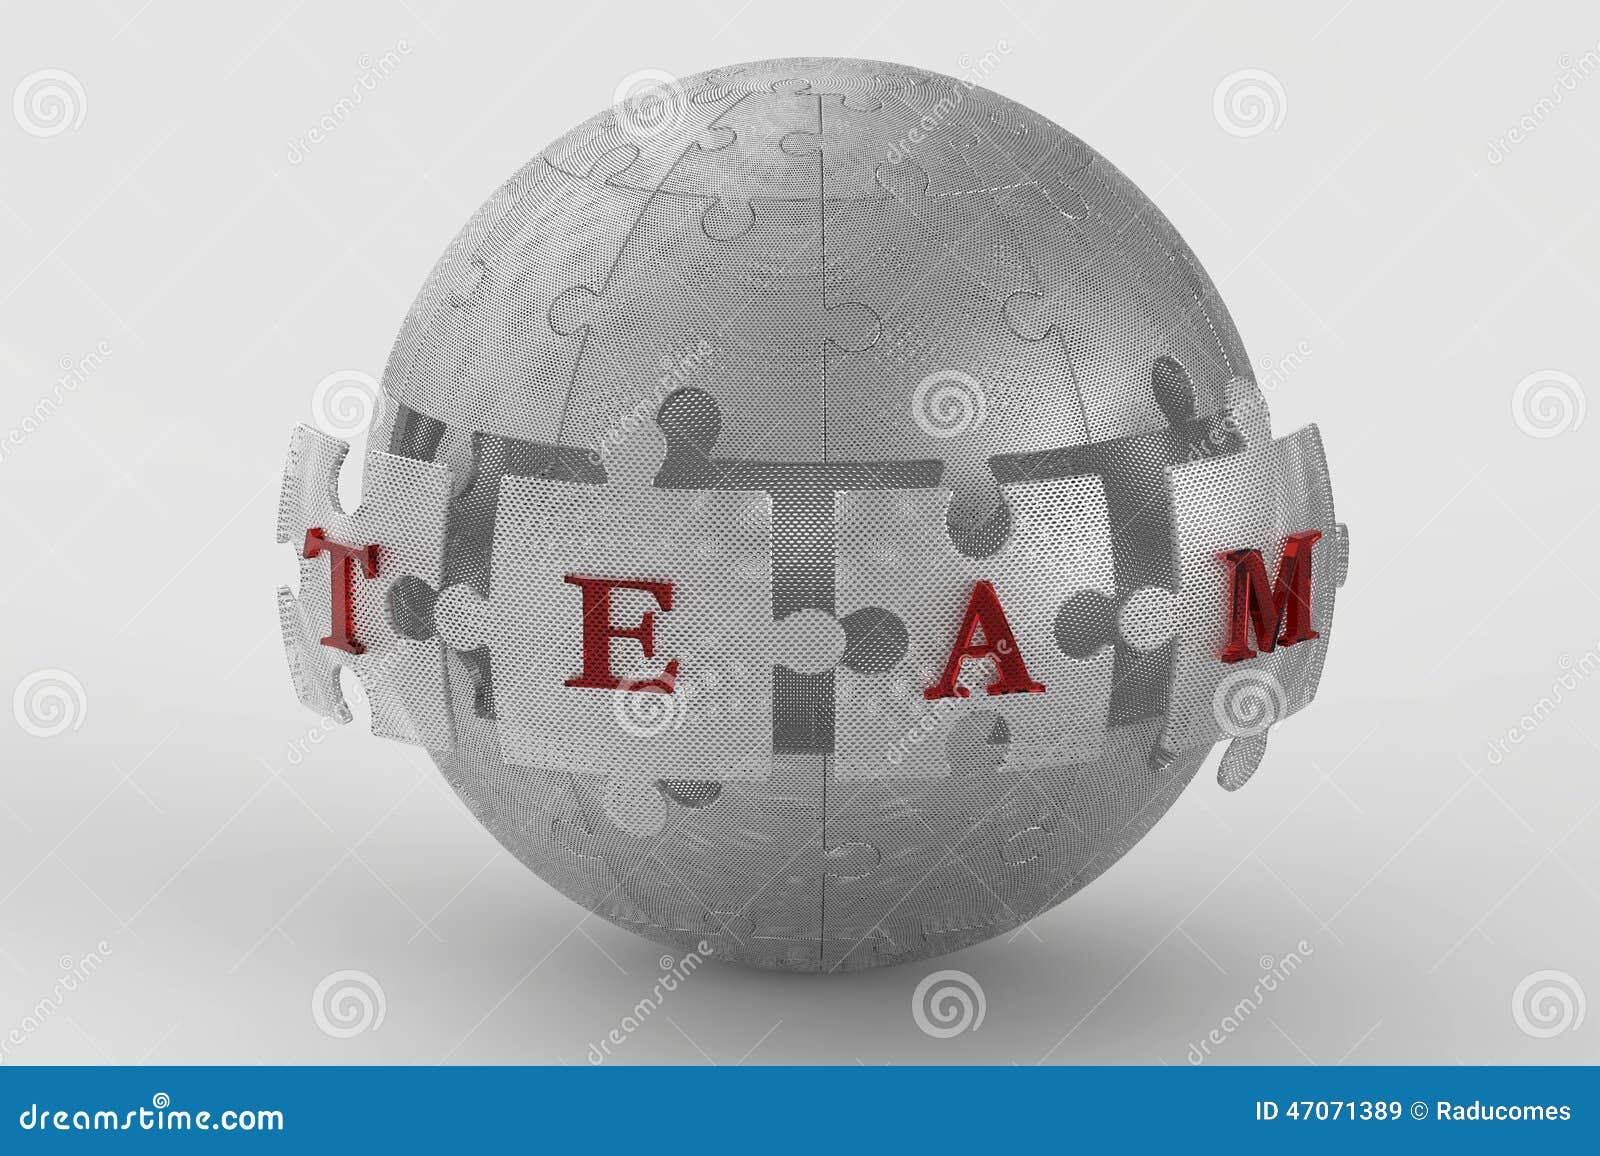 Metallmaschenteam-Puzzlespielkugel